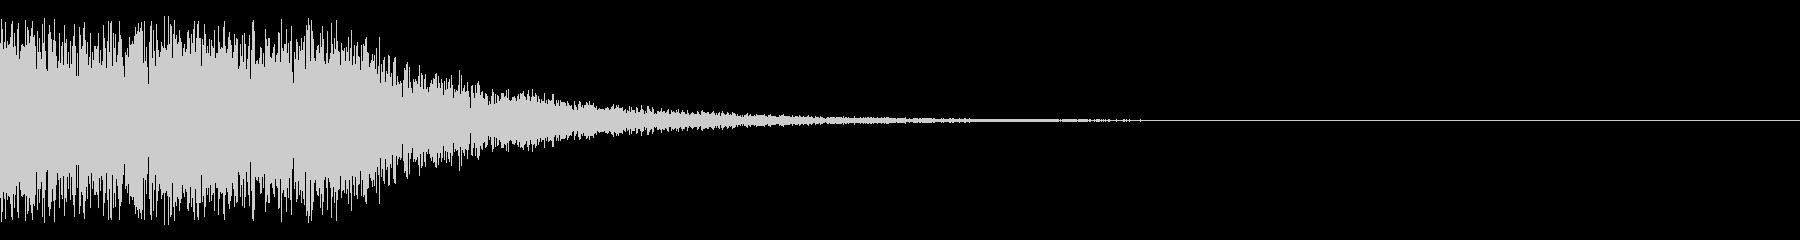 グワワワワンの未再生の波形